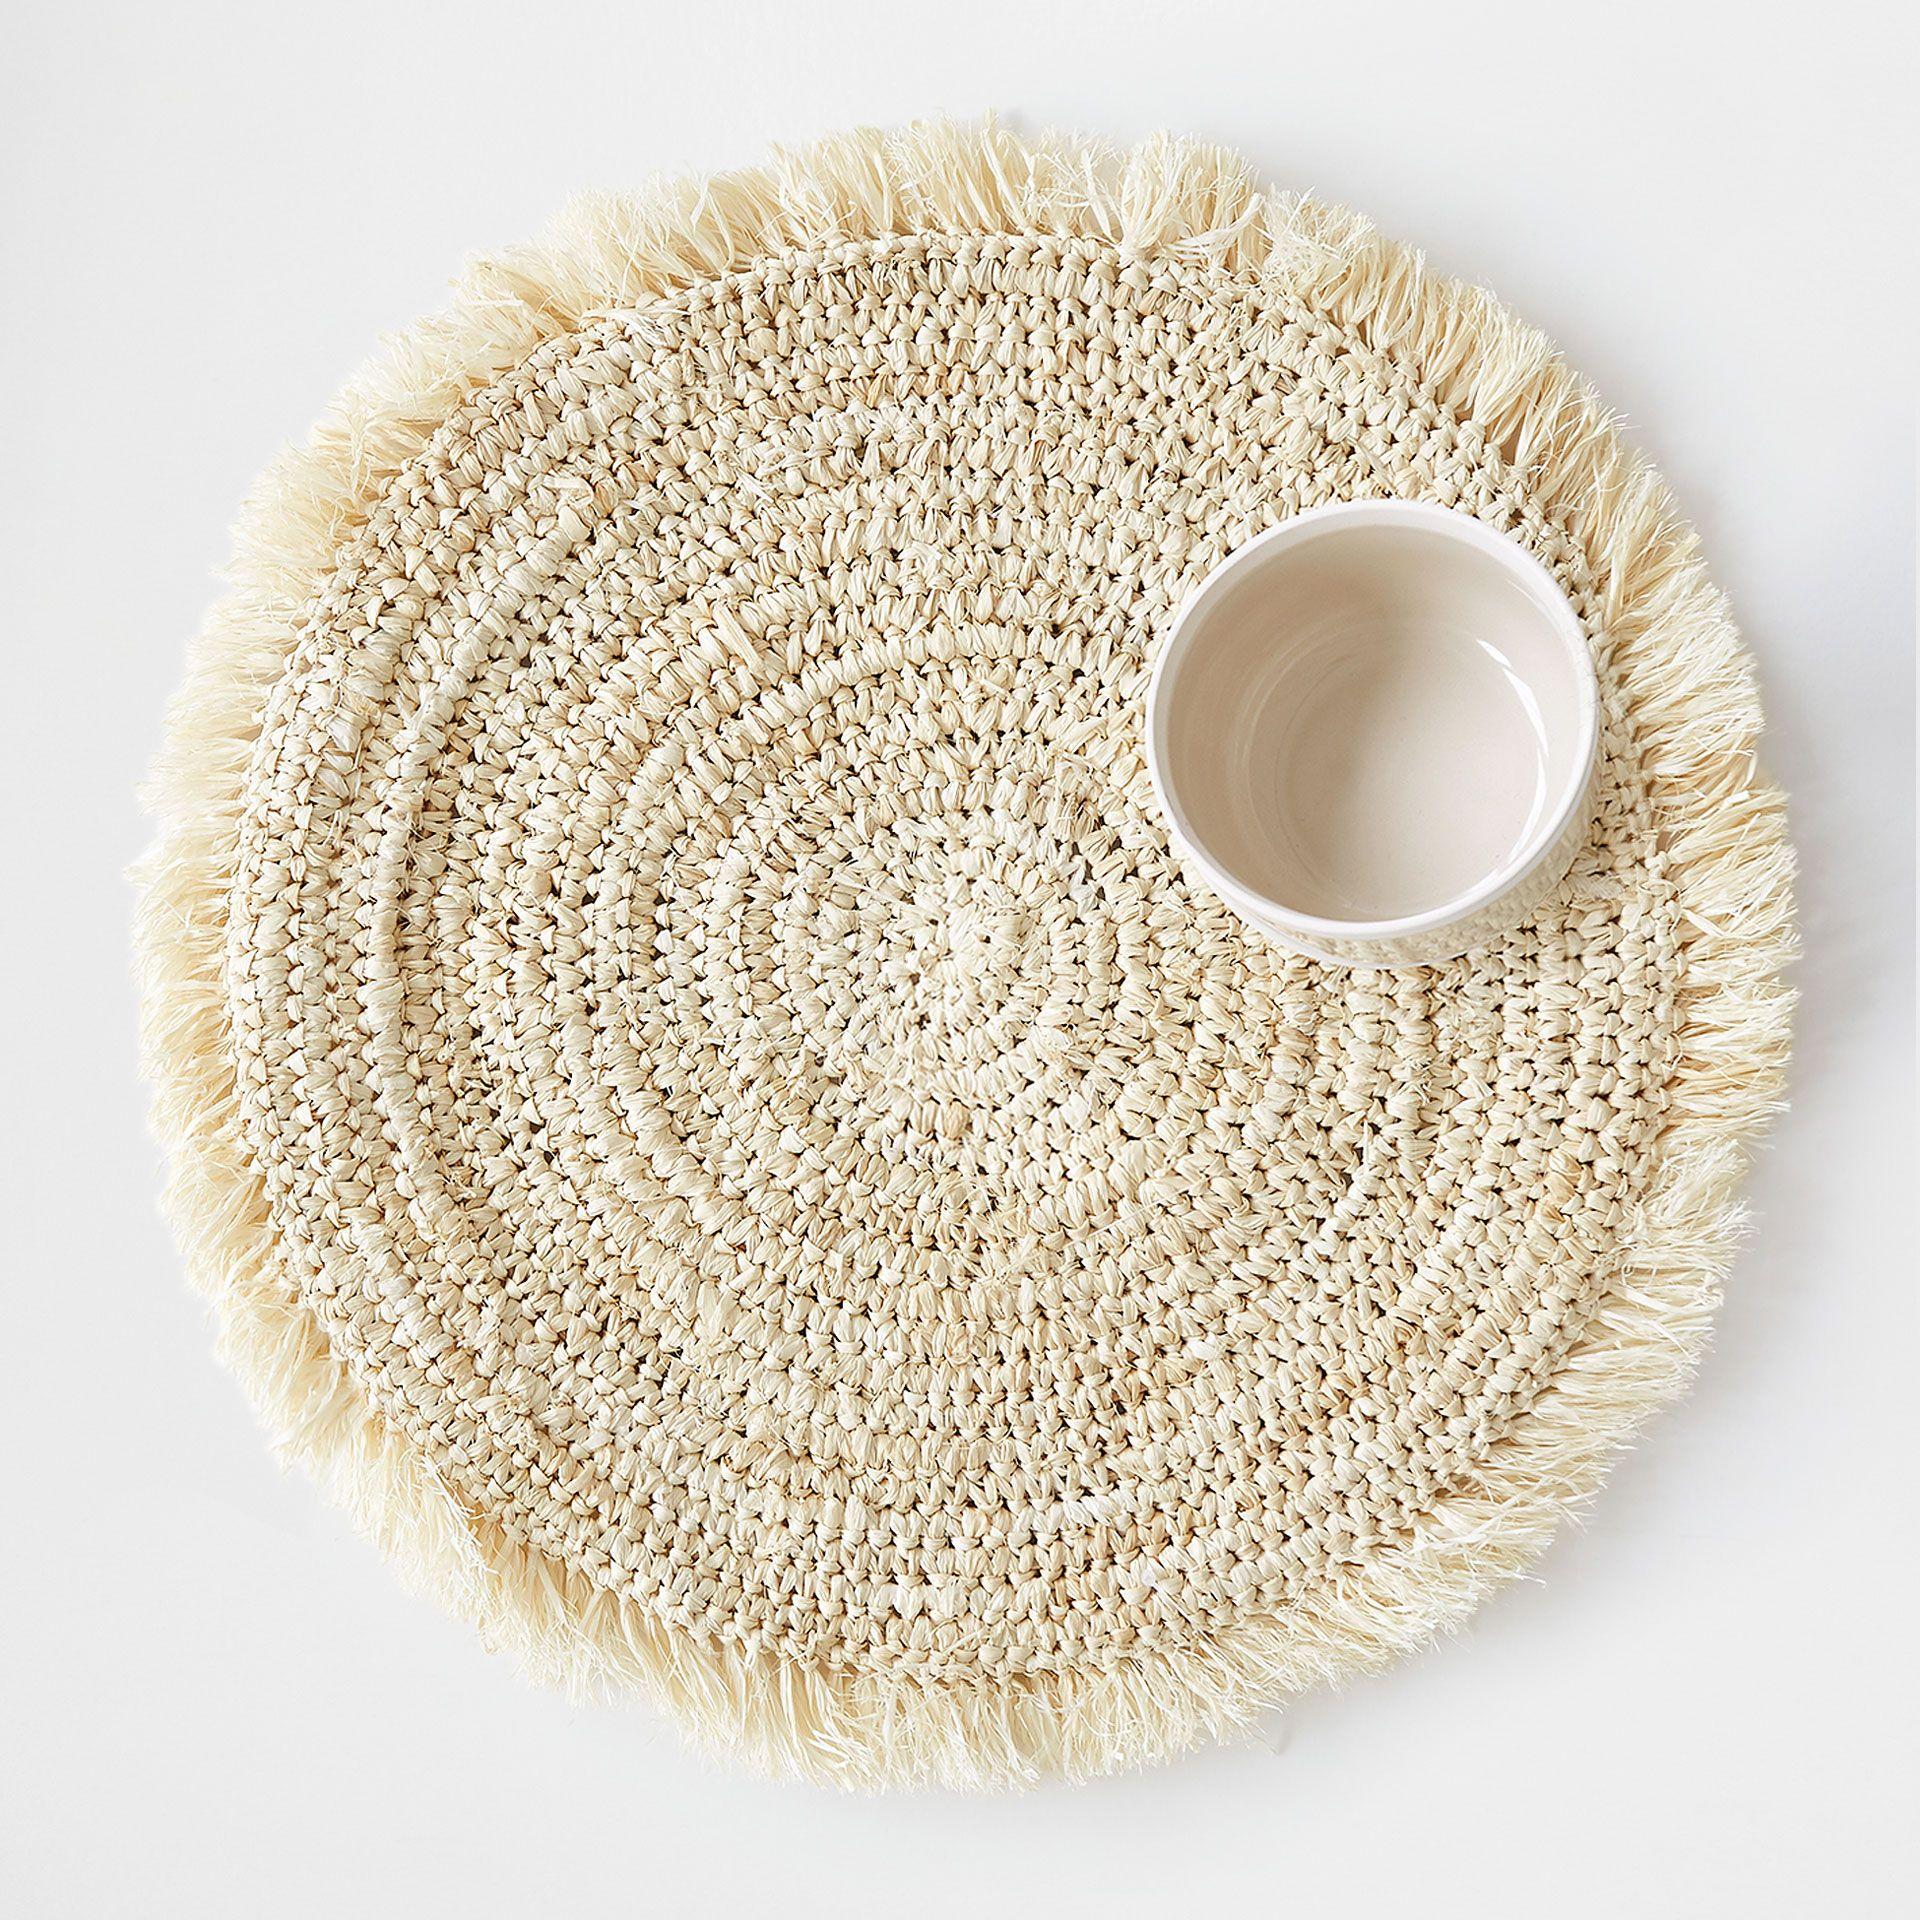 Image 1 Of The Product Natural Round Raffia Fringed Placemat Casa De Croche Mesa De Palha Descansos De Panela